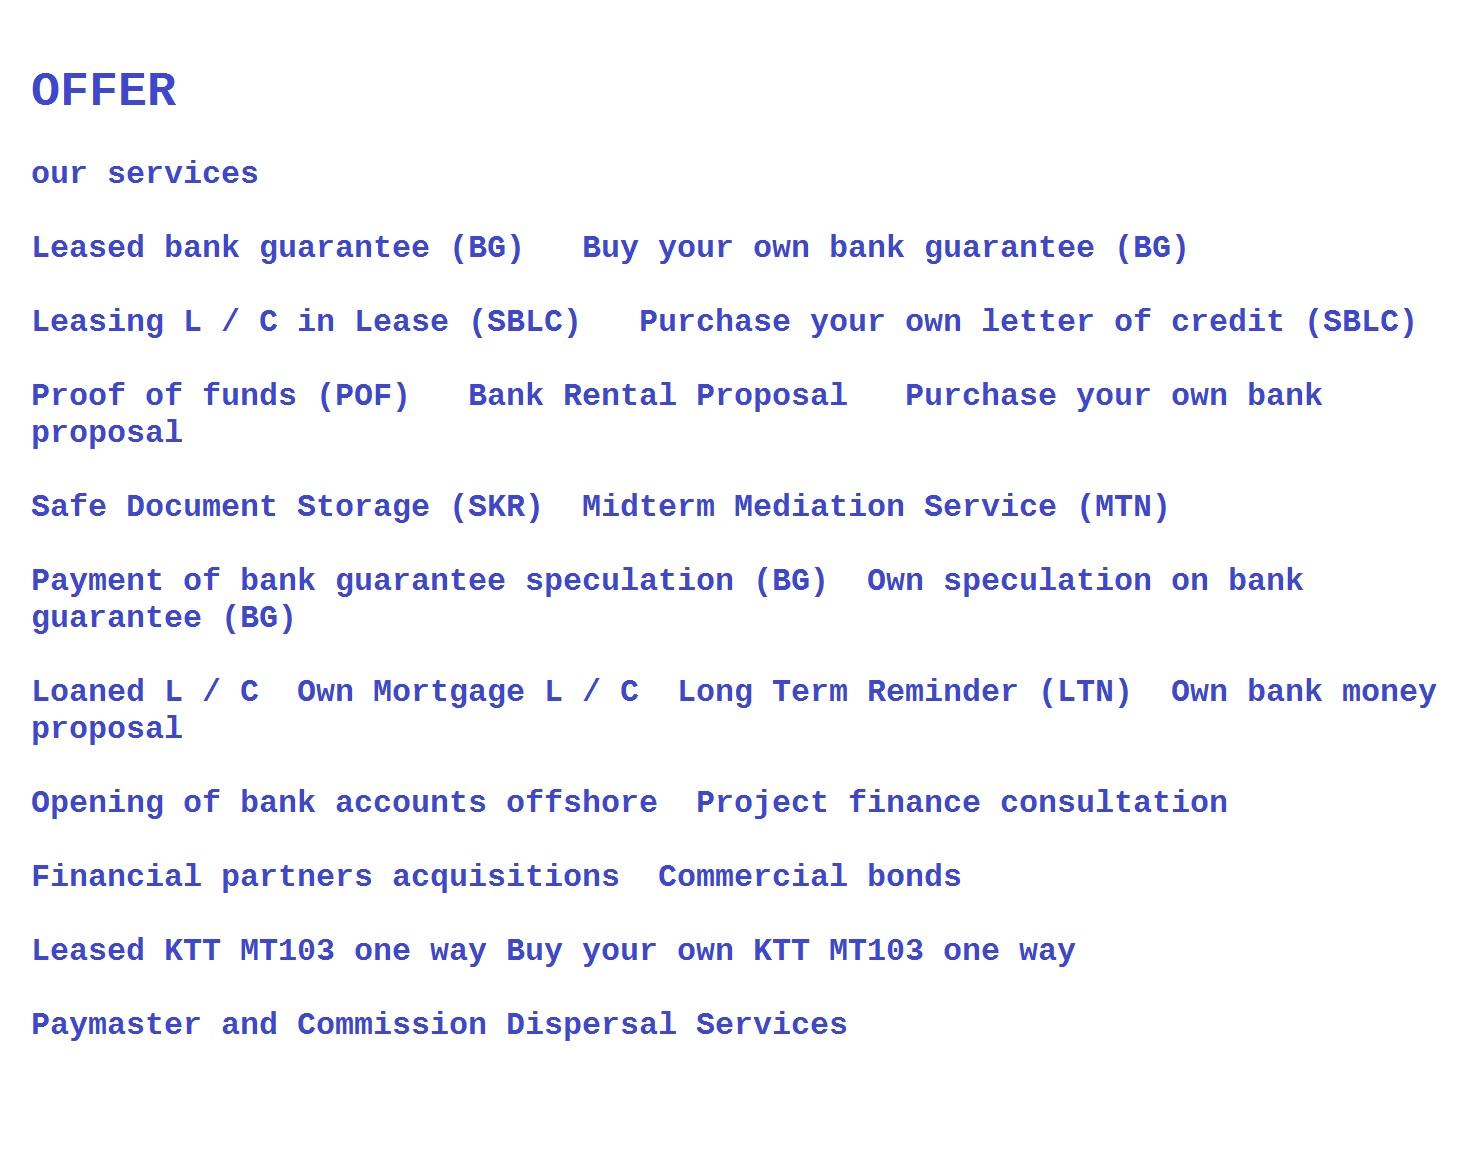 SBLC, BG, LTN, MTN, KTT, SKR, POF, bank proposal, monetization, financing, leasing and sale of finan